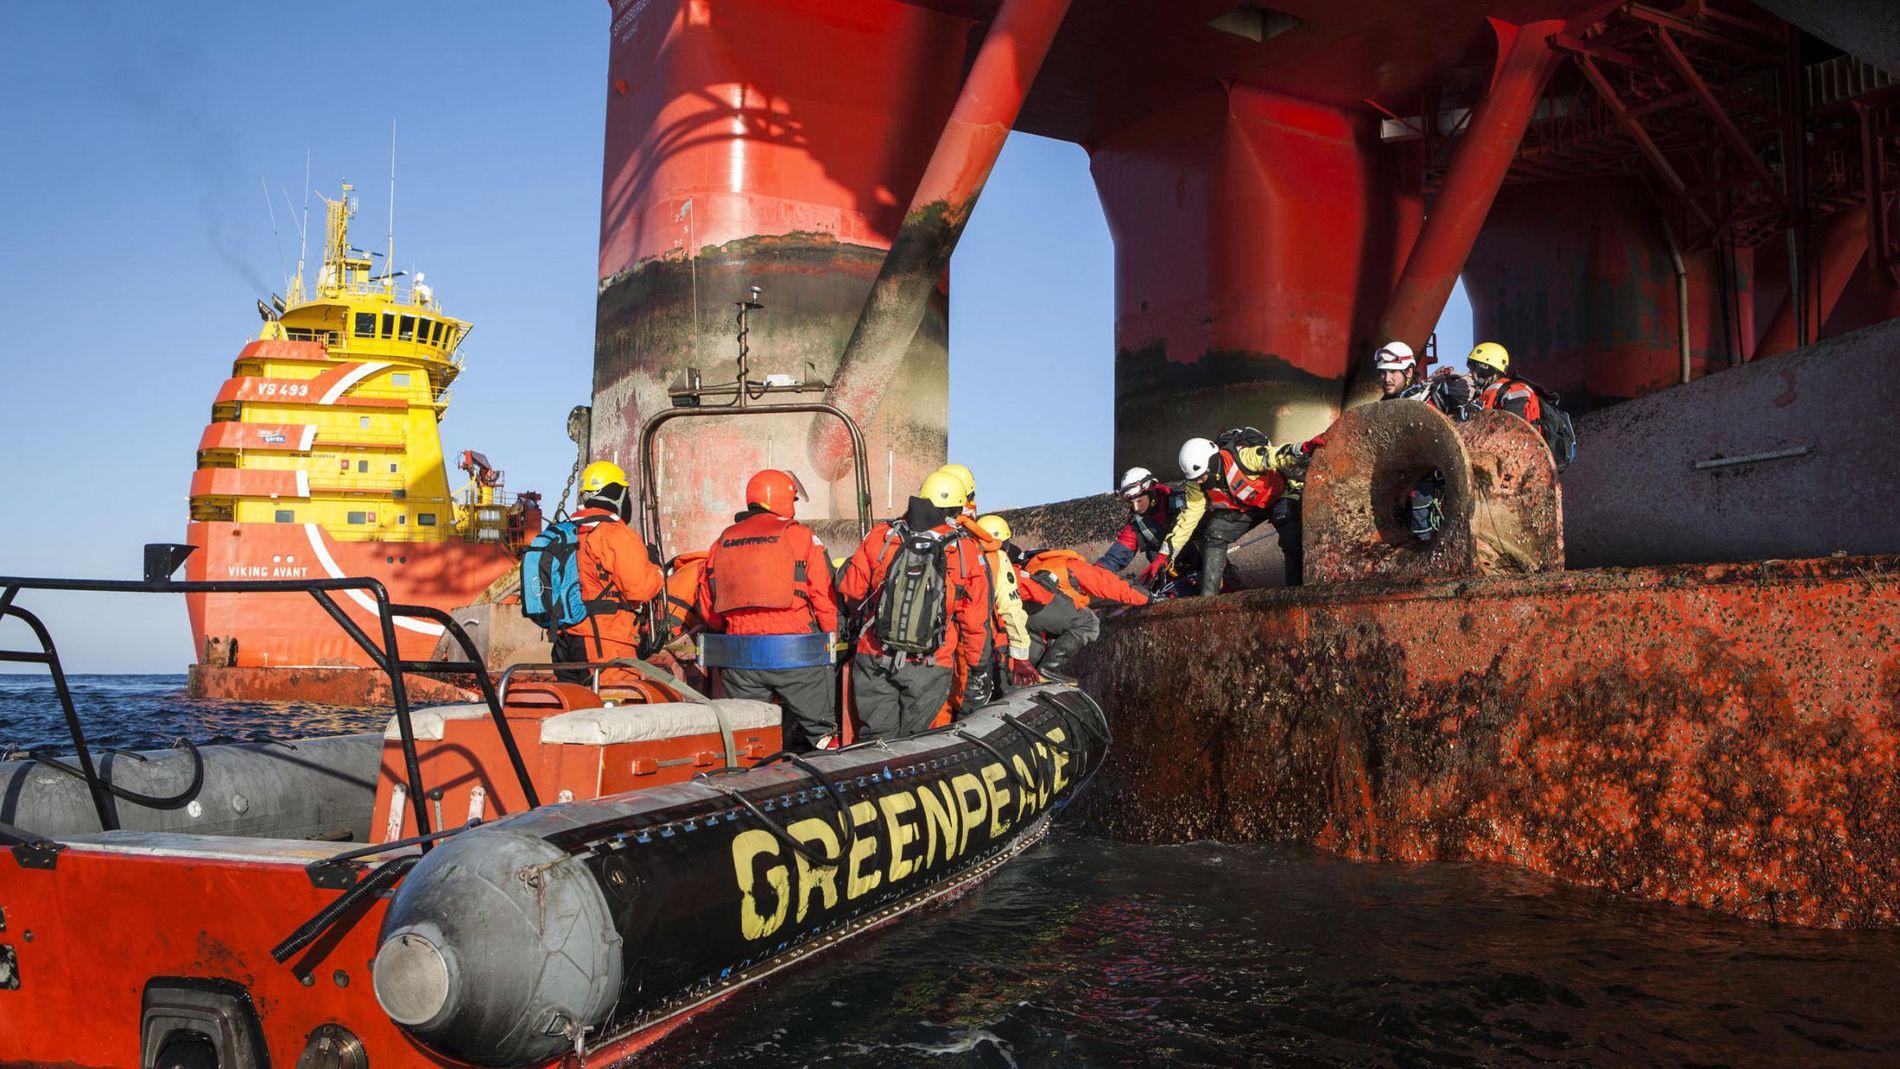 Aksjonerte: Greenpeace-aktivister klatrer ombord på Transocean Spitsbergen ved Bjørnøya i Barentshavet.